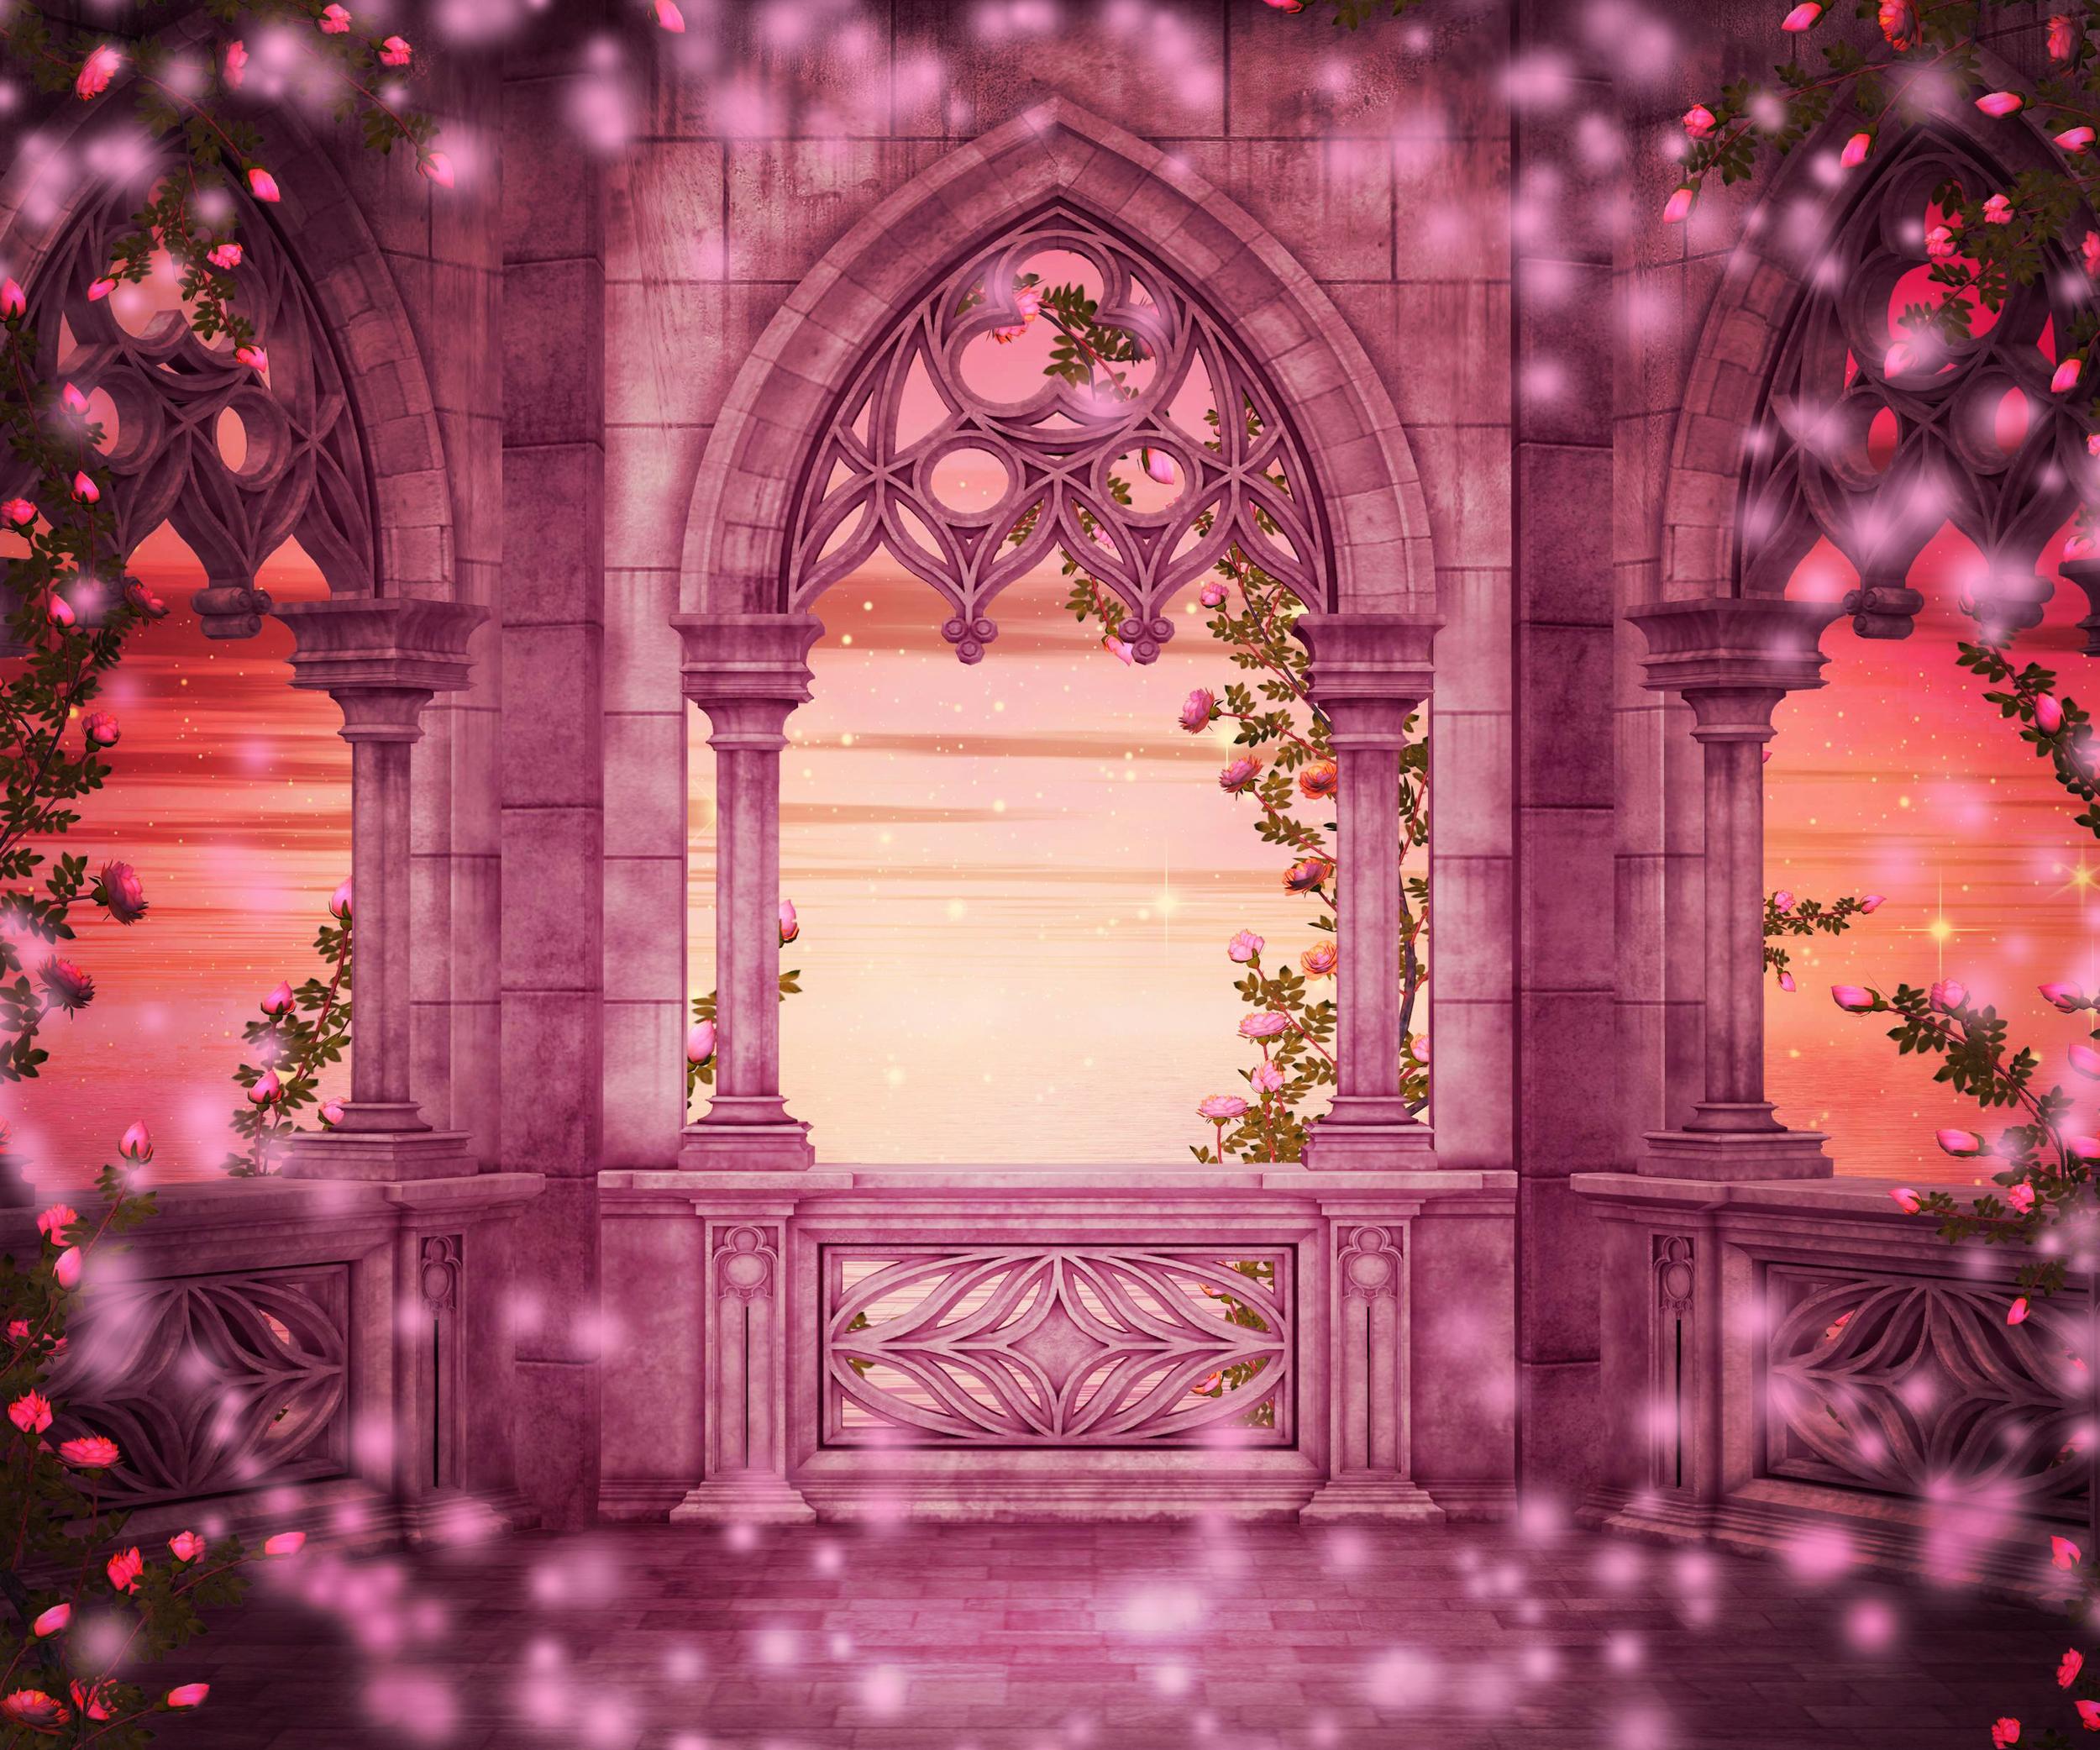 princess-castle-fantasy-backdrop_fycBVPqd.jpg